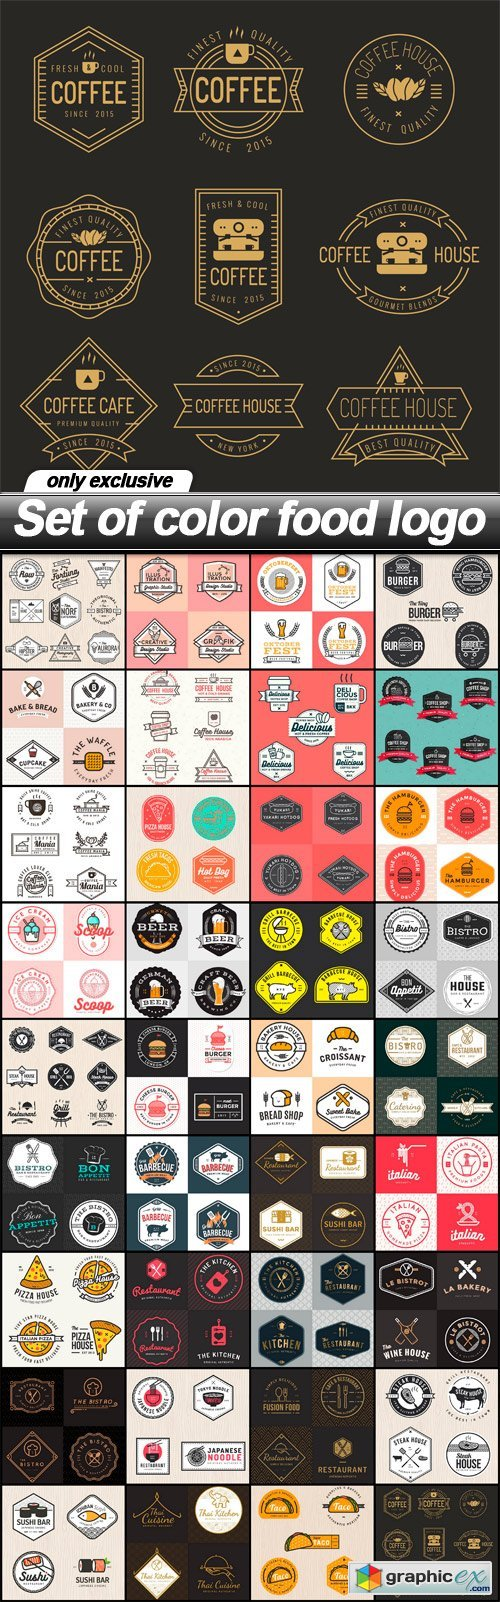 Set of color food logo - 36 EPS